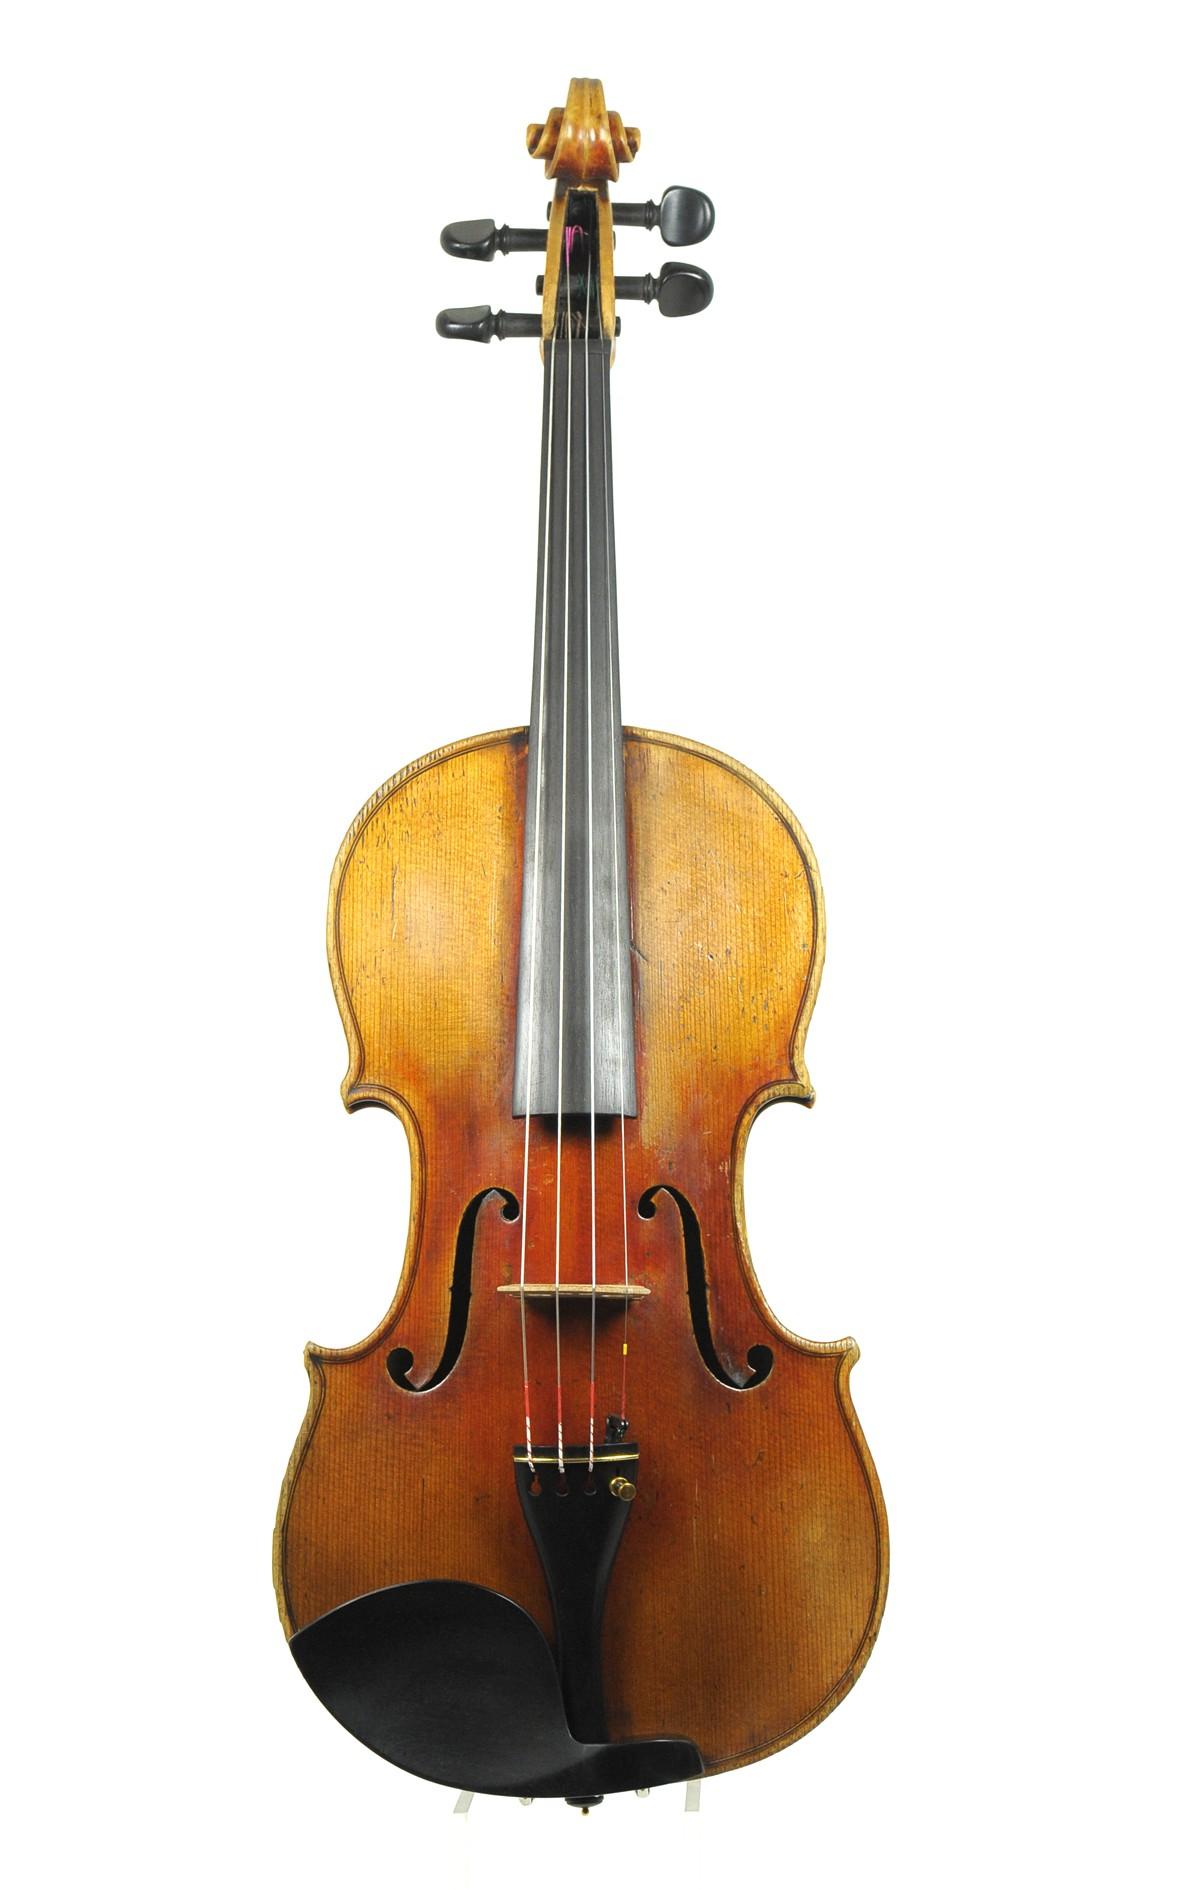 Saxonian, an antique violin ca. 1860 - top